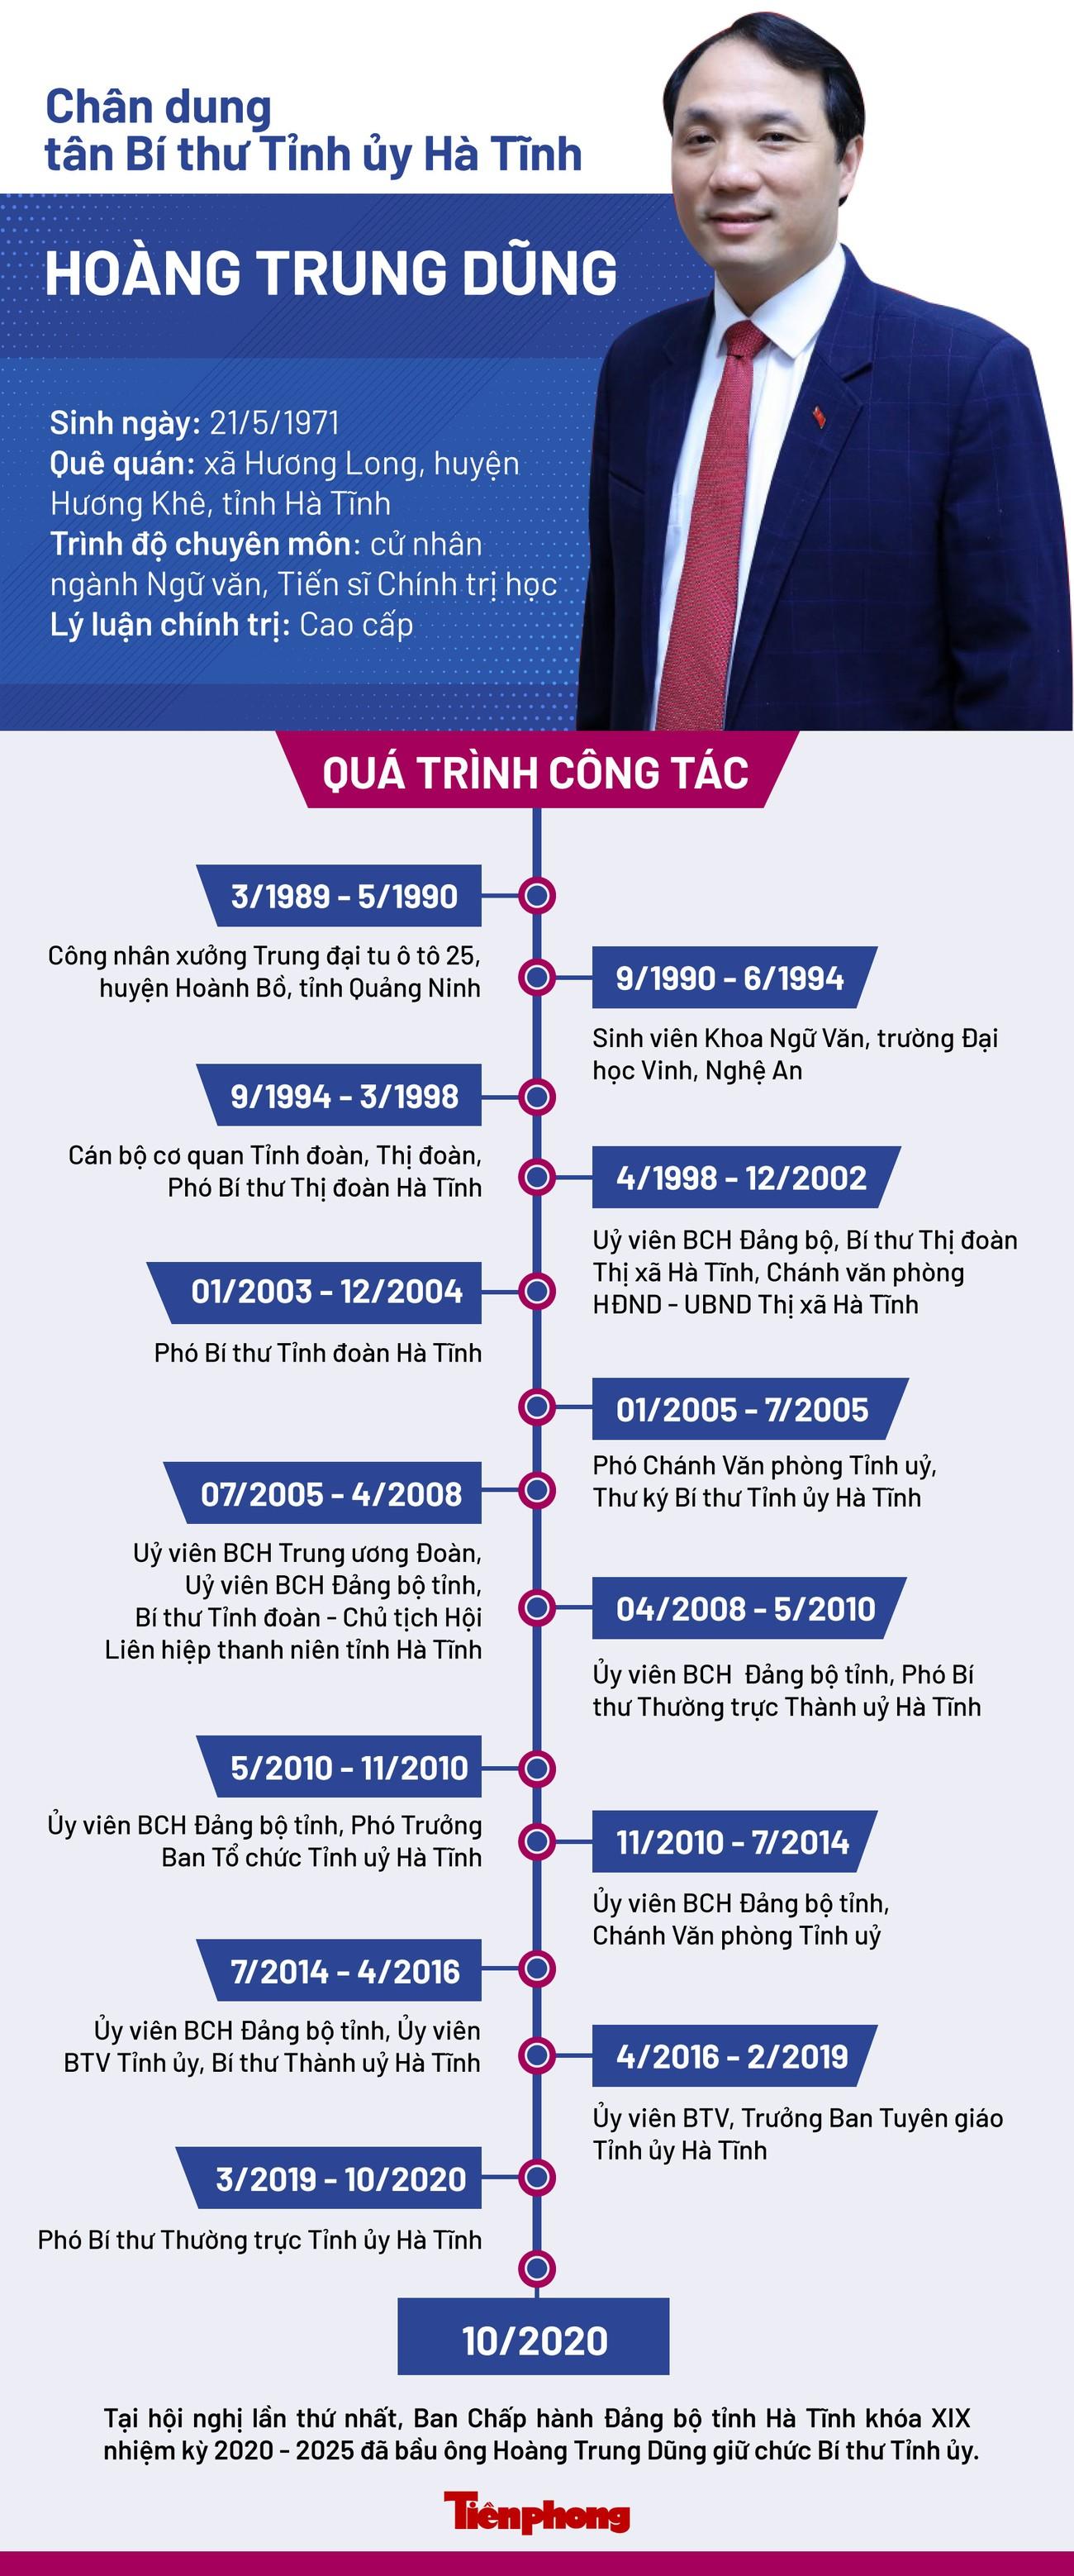 Tân Bí thư Tỉnh ủy Hà Tĩnh là tiến sĩ Chính trị học ảnh 1